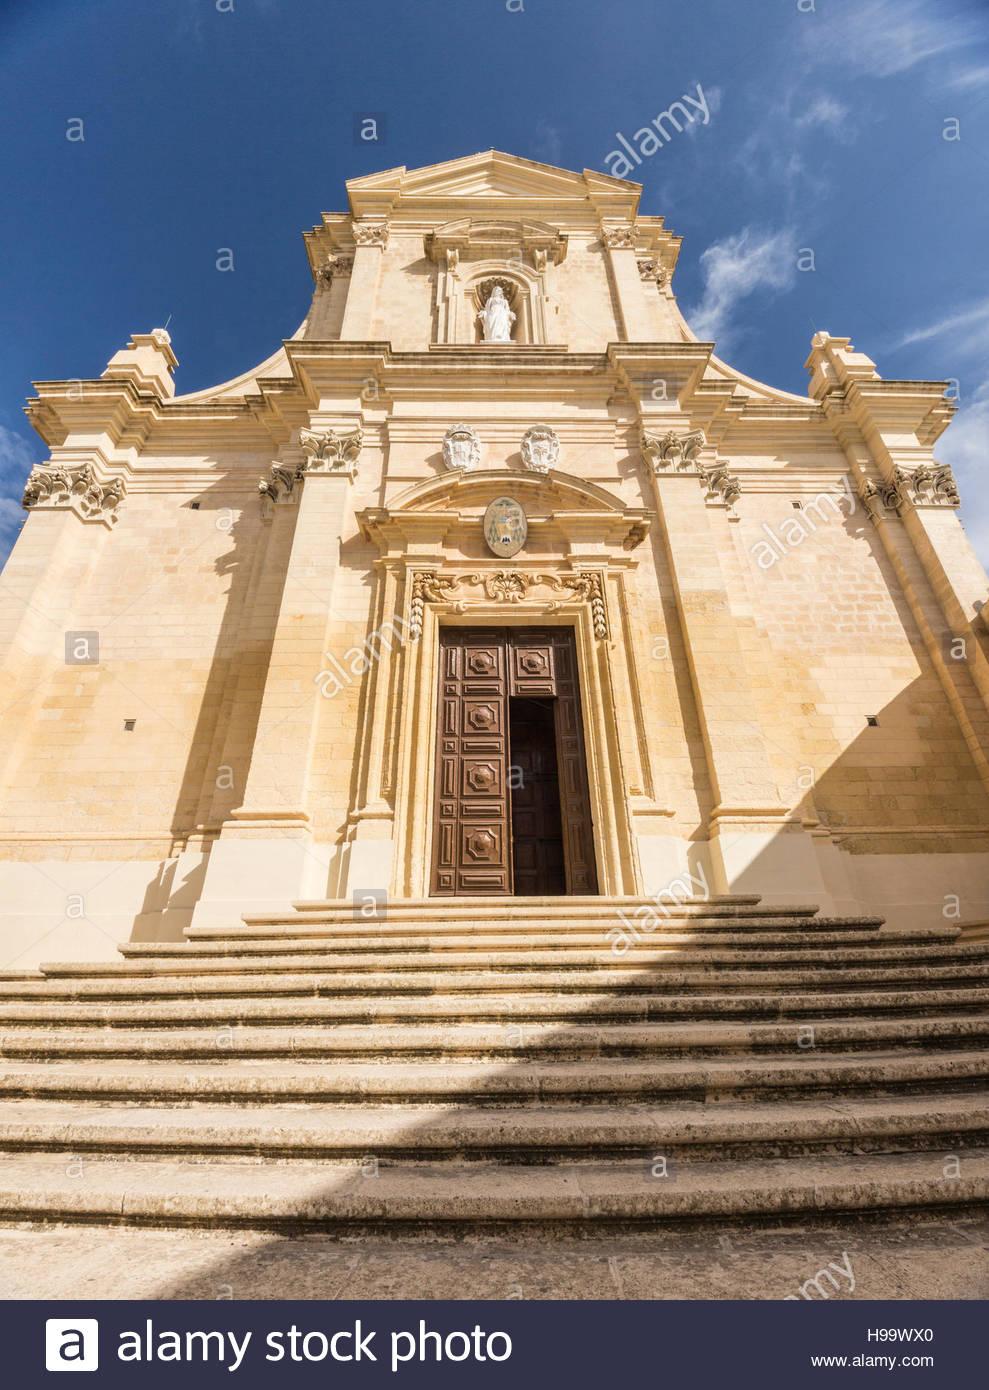 Eingang zur Kathedrale in die Zitadelle in Victoria auf Gozo, Malta. Stockbild